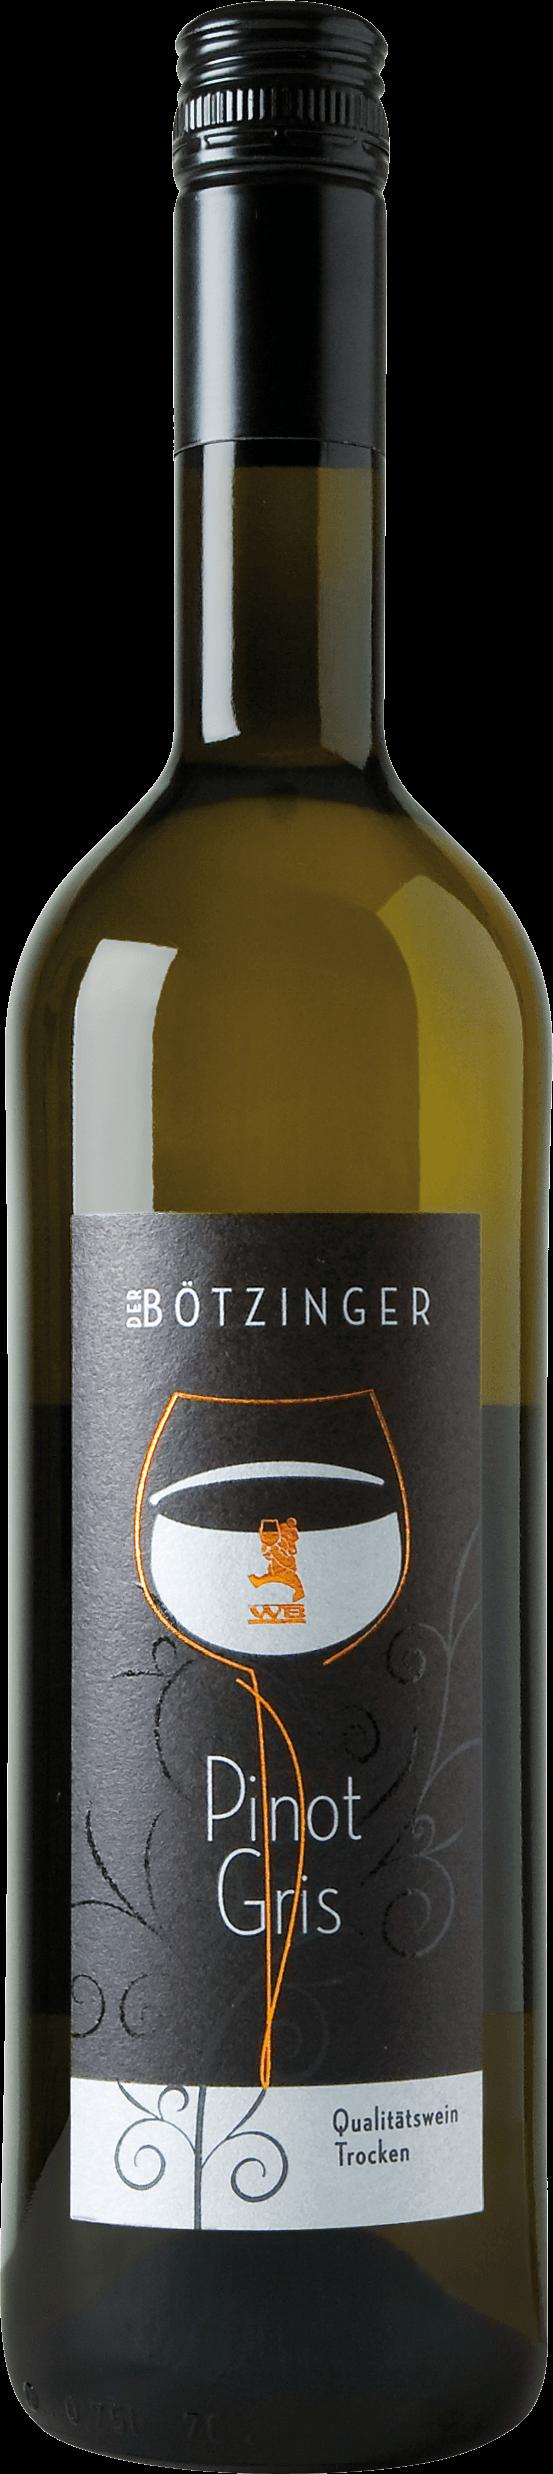 Pinot Gris Qualitätswein trocken